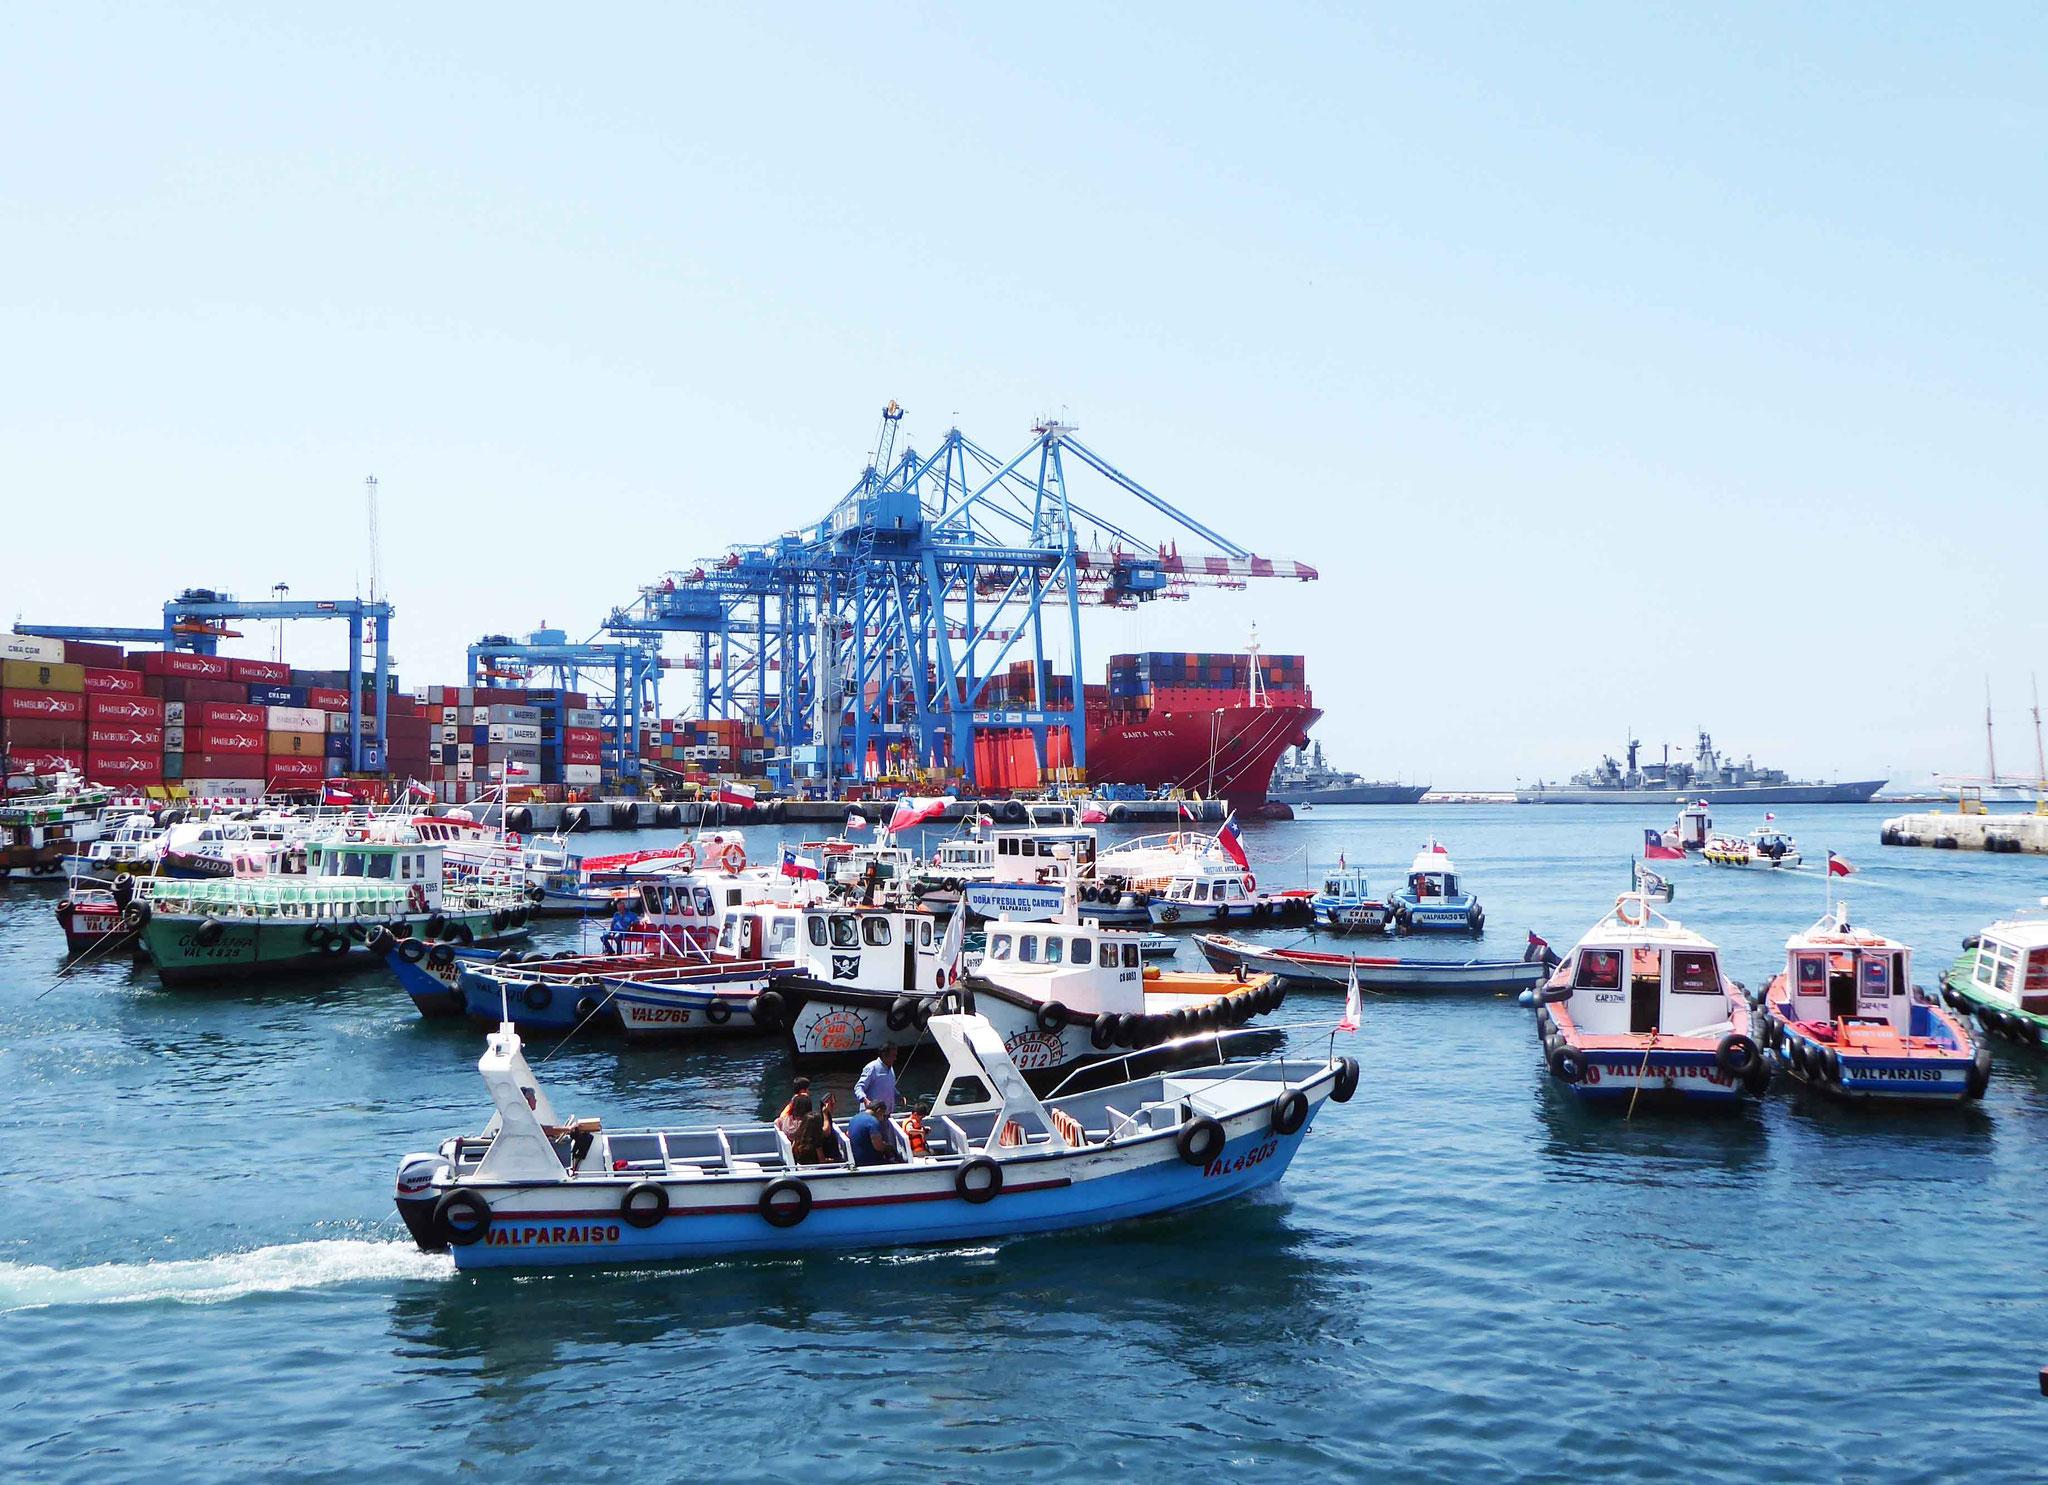 Vue de la flotte maritime depuis les quais portuaires